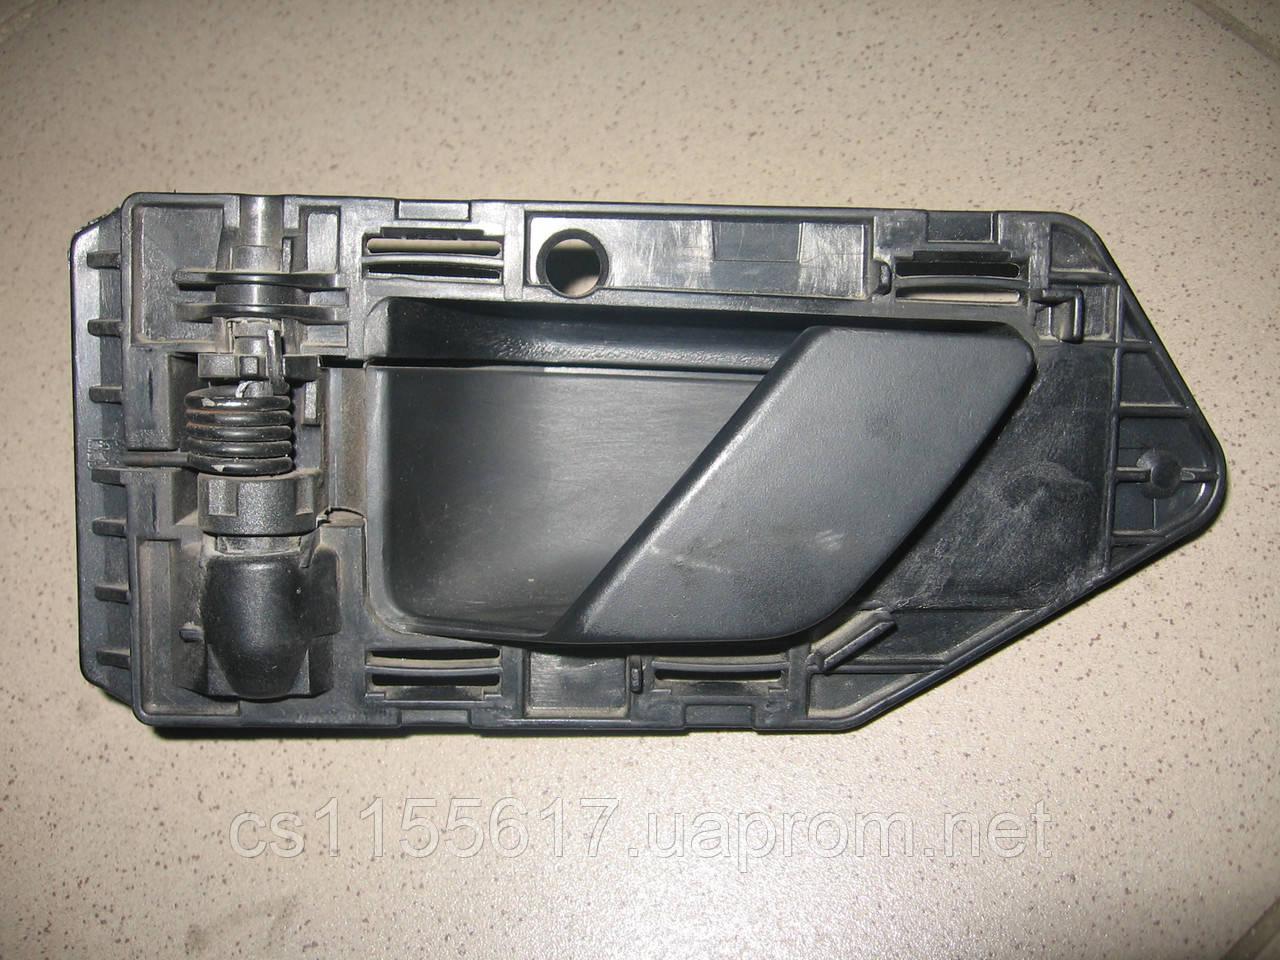 Ручка внутренняя передней двери 9621422977 левая б/у на Citroen Berlingo, Peugeot Partner 1996-2003 года